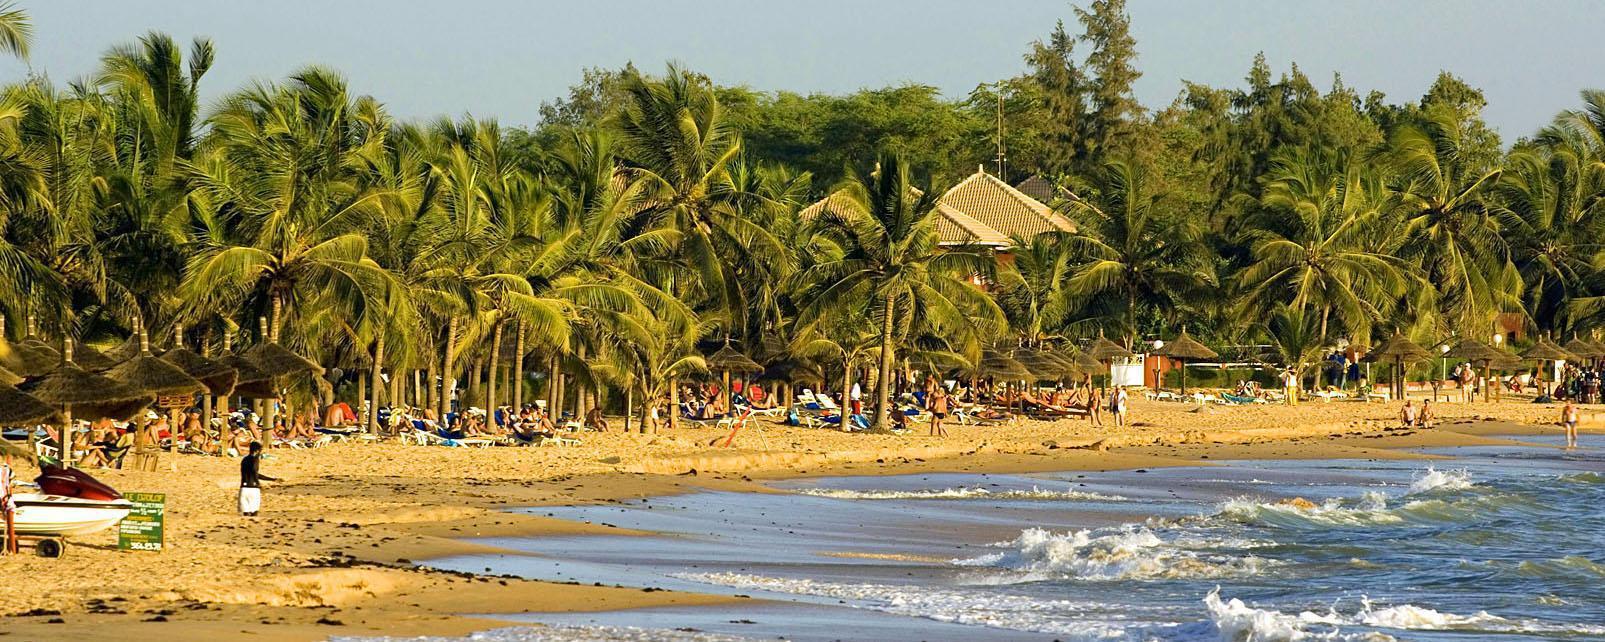 Afrique, Sénégal, Saly, plage, baignade, arbre, île,